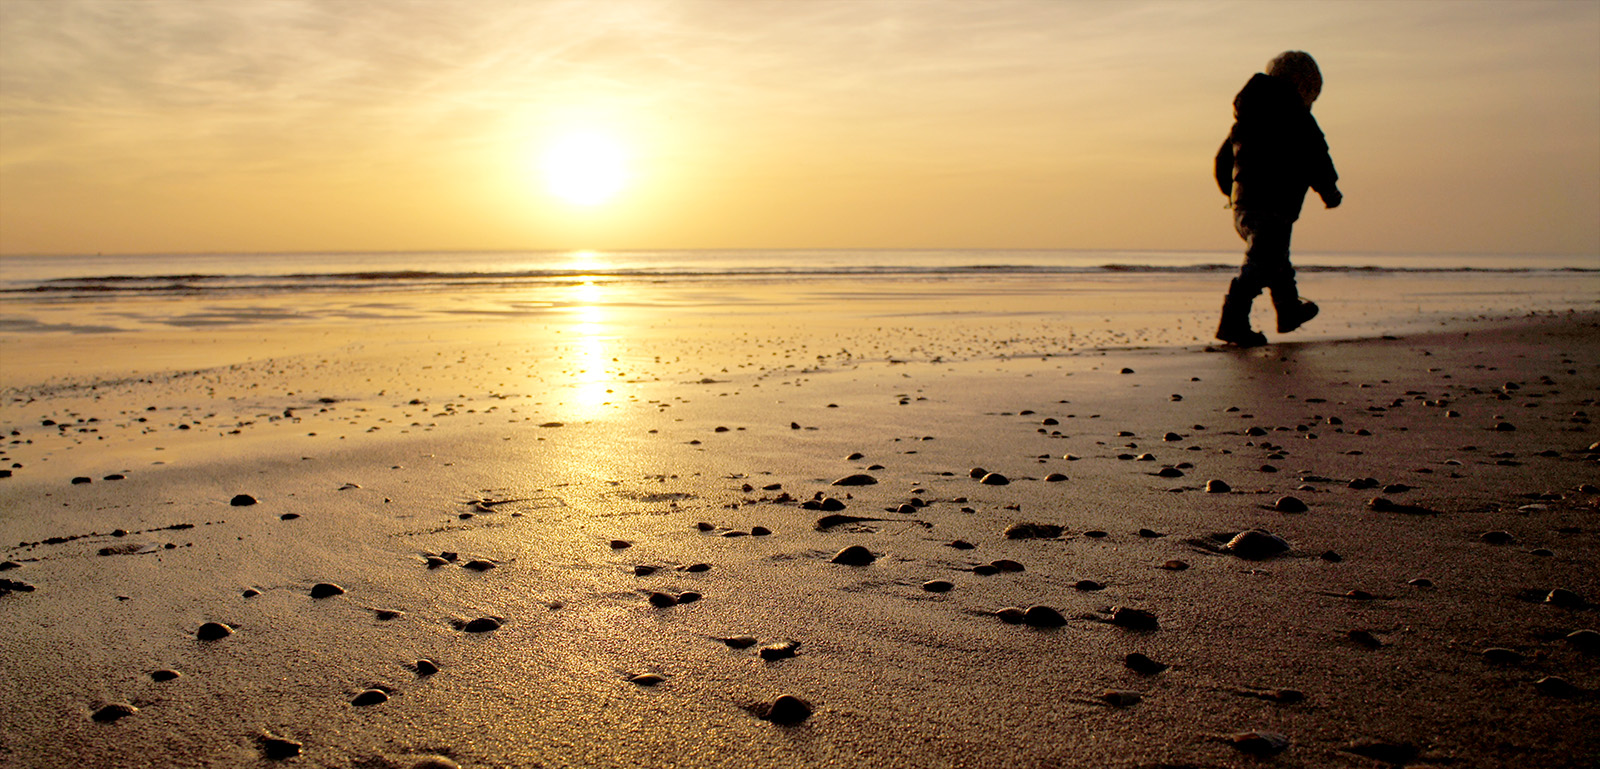 Strandwandeling-kind